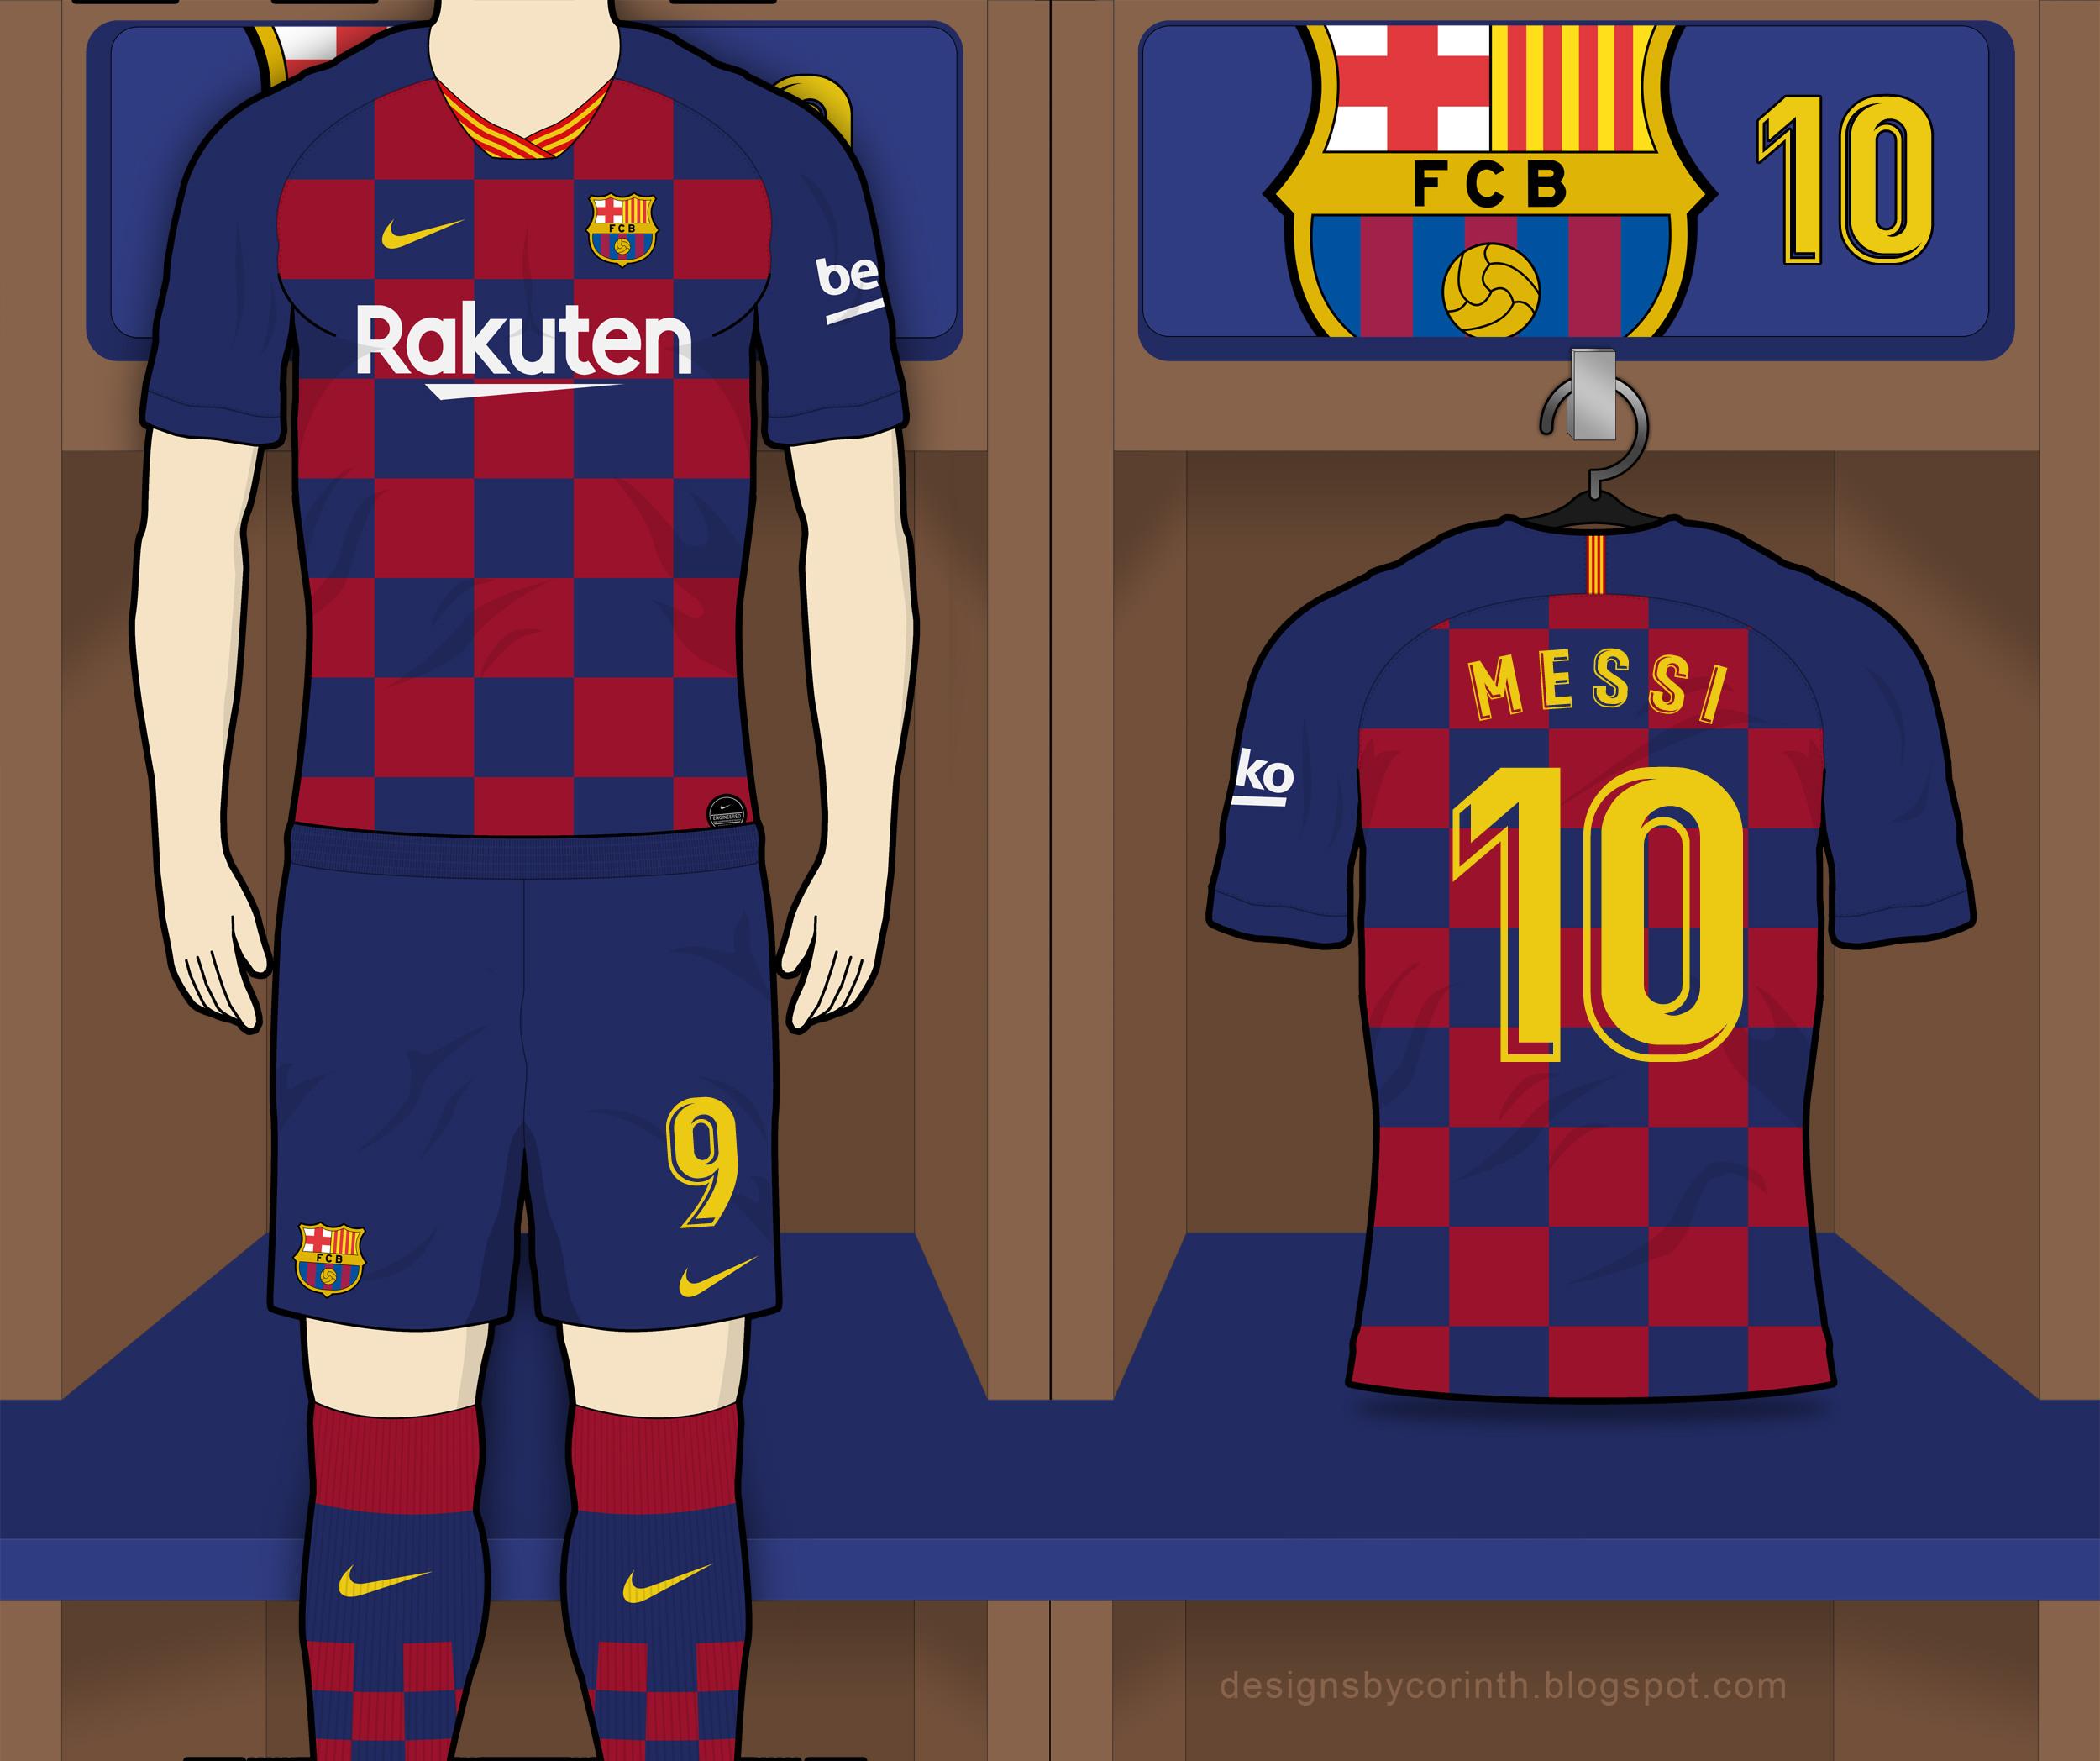 5fd14230baf Click to enlarge image barcelona 19 20 home kit prediction a.jpg ...